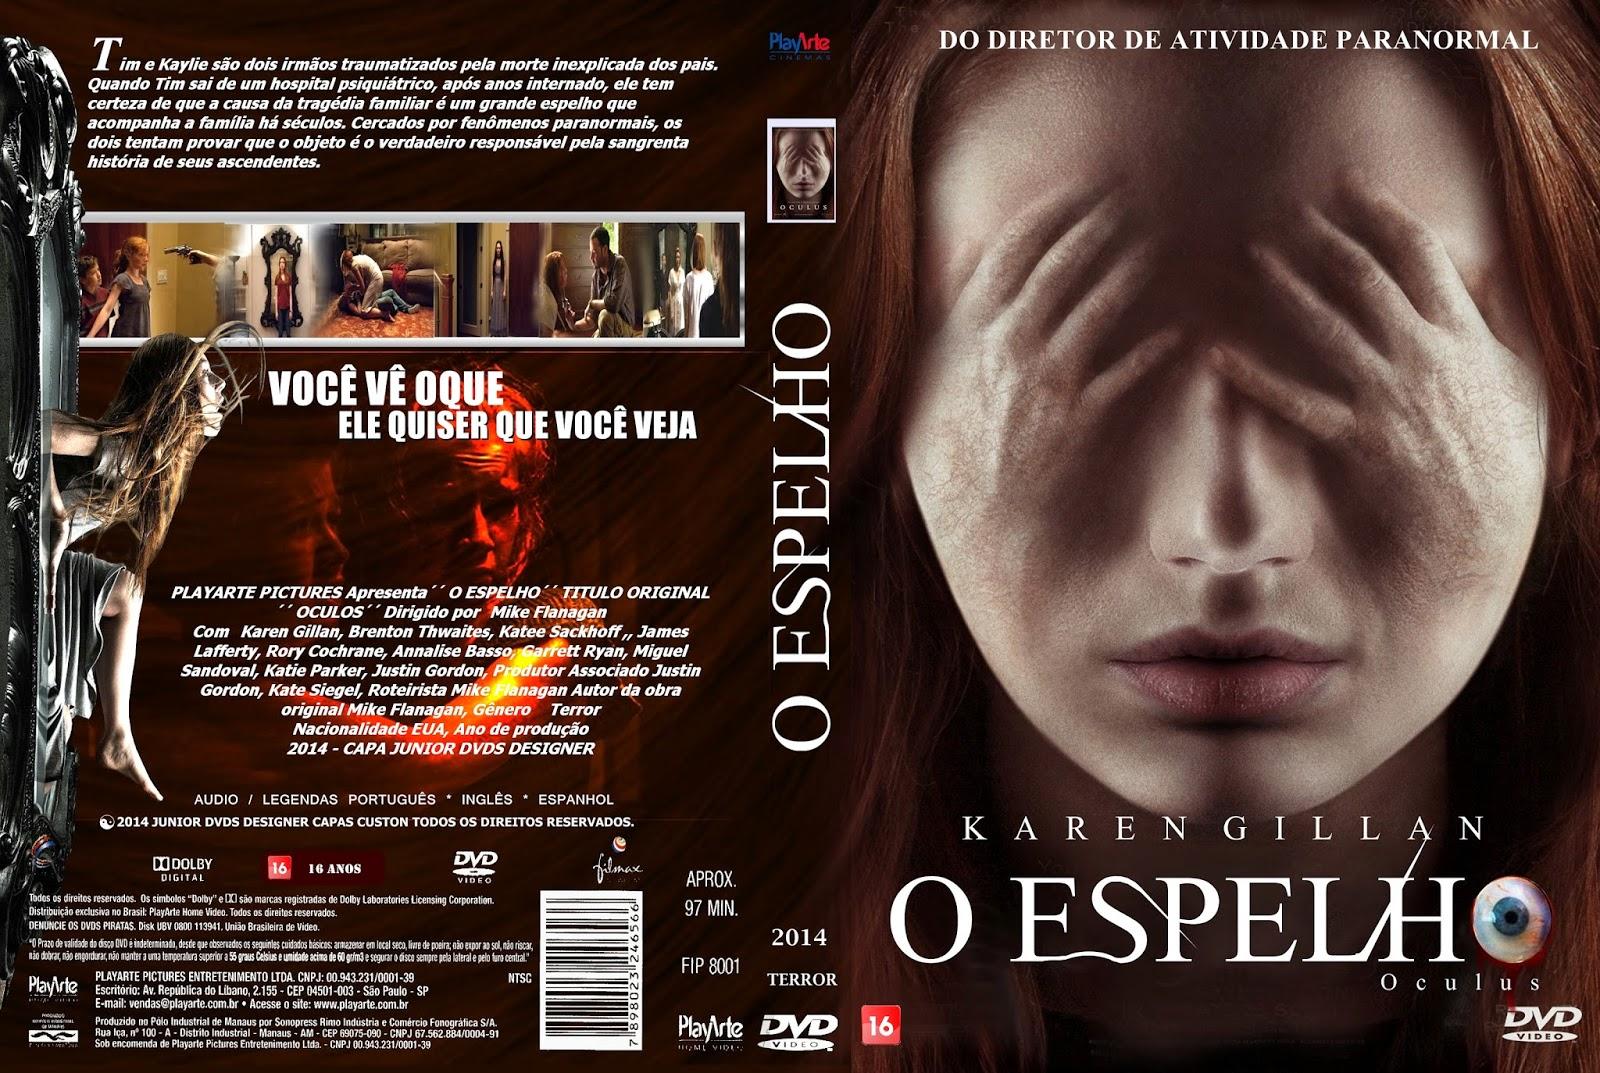 Download O Espelho BDRip XviD Dual Áudio CAPA DO FILME O ESPELHO   JUNIOR DVDS DESIGNER